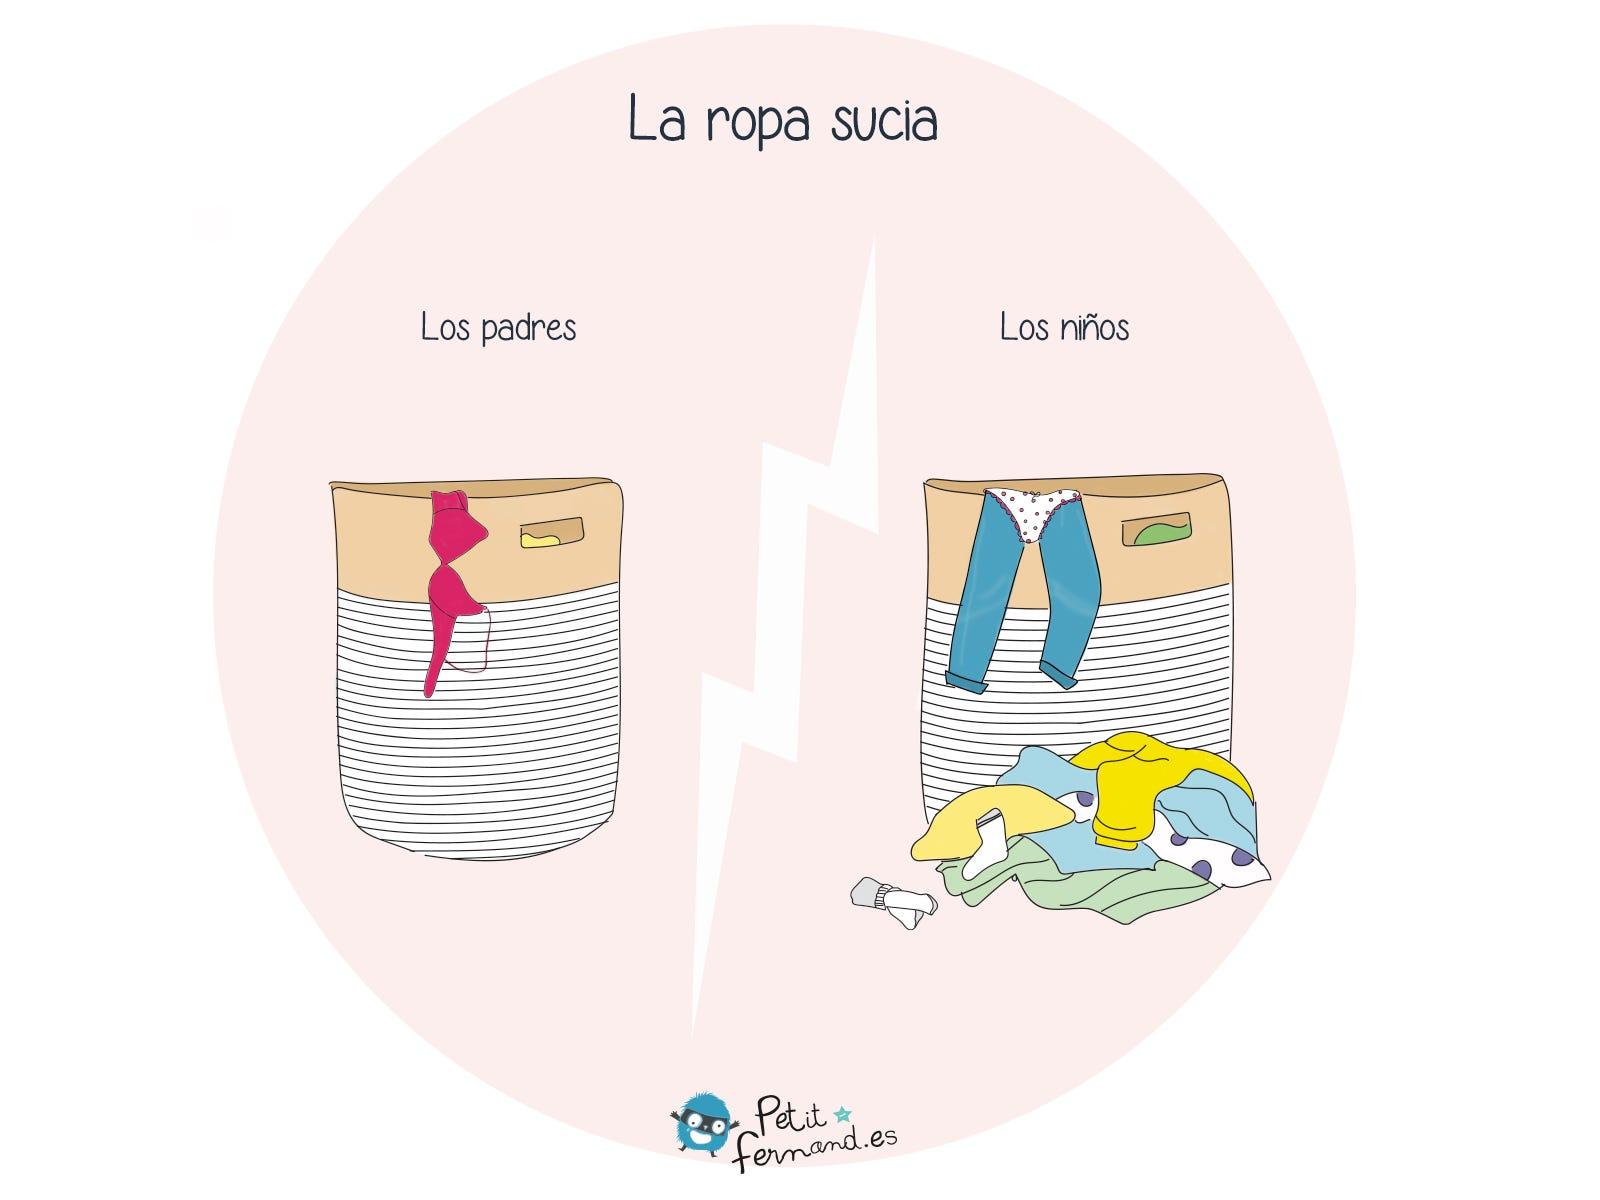 Los padres y los niños tienen dos visiones diferentes de la ropa sucia. Encuentren todos nuestros toques de humor en el blog.